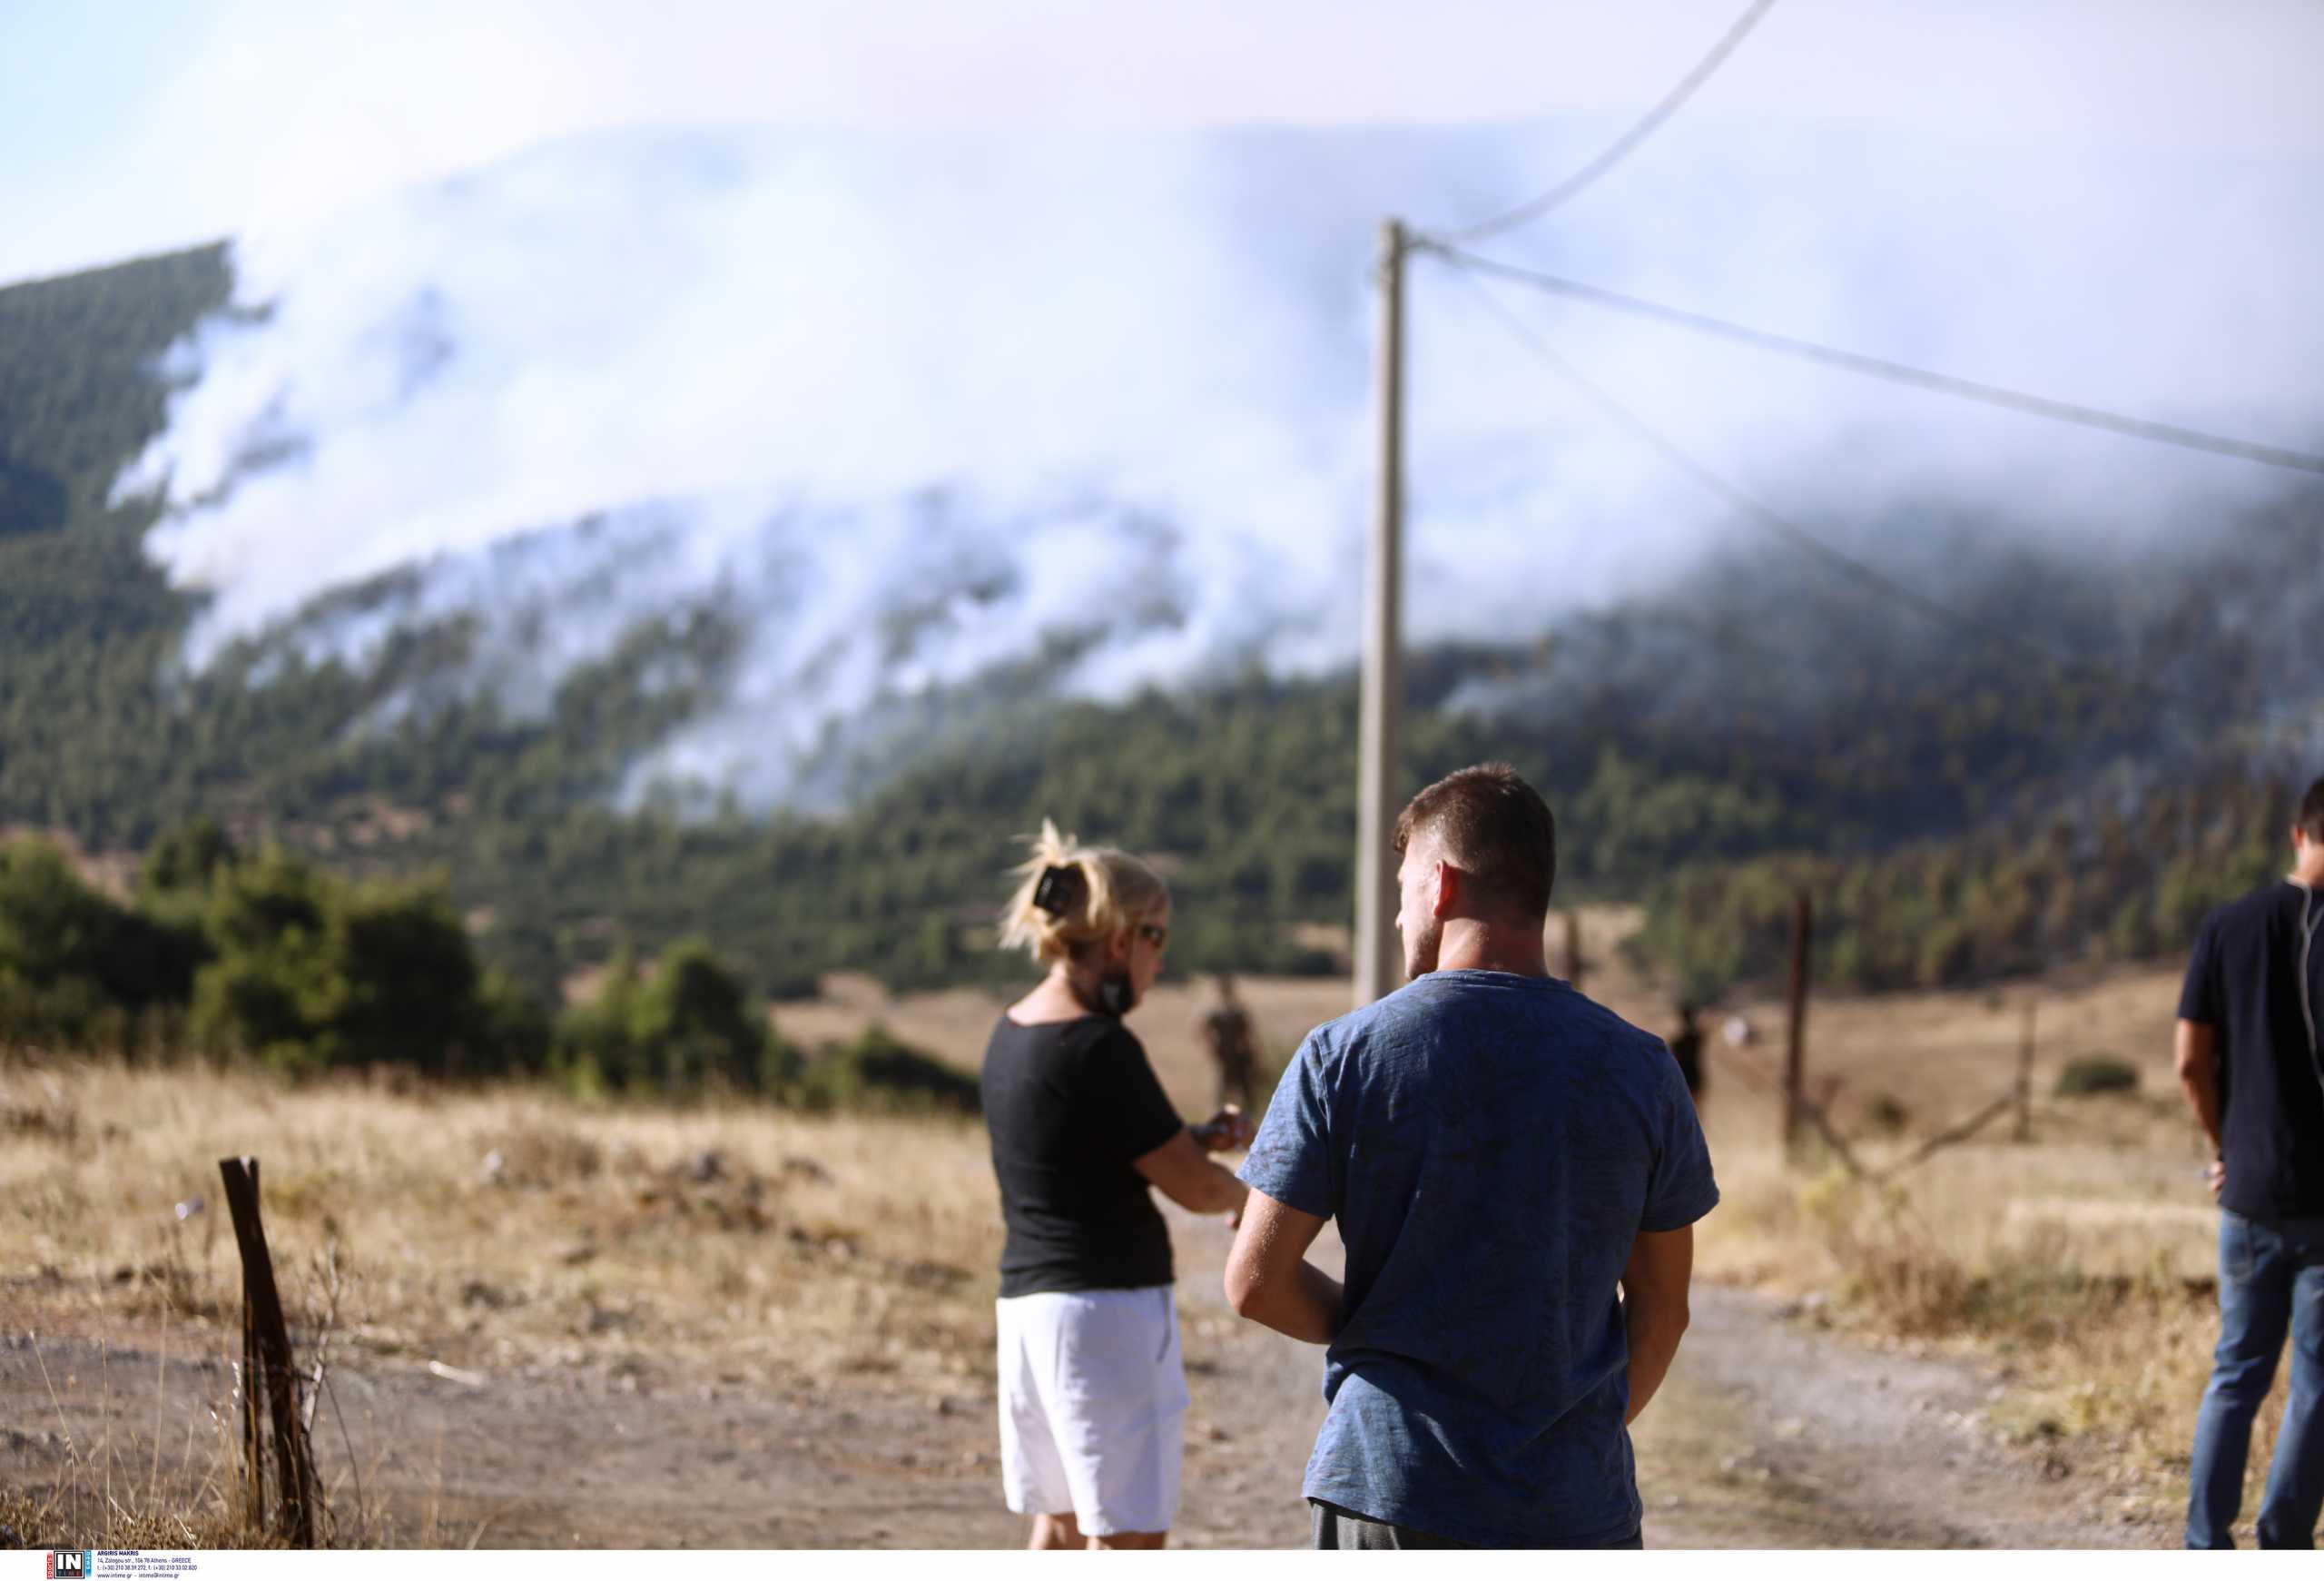 Φωτιά στα Βίλια: Ανεξέλεγκτη η πύρινη λαίλαπα – Νέα εντολή εκκένωσης από το 112